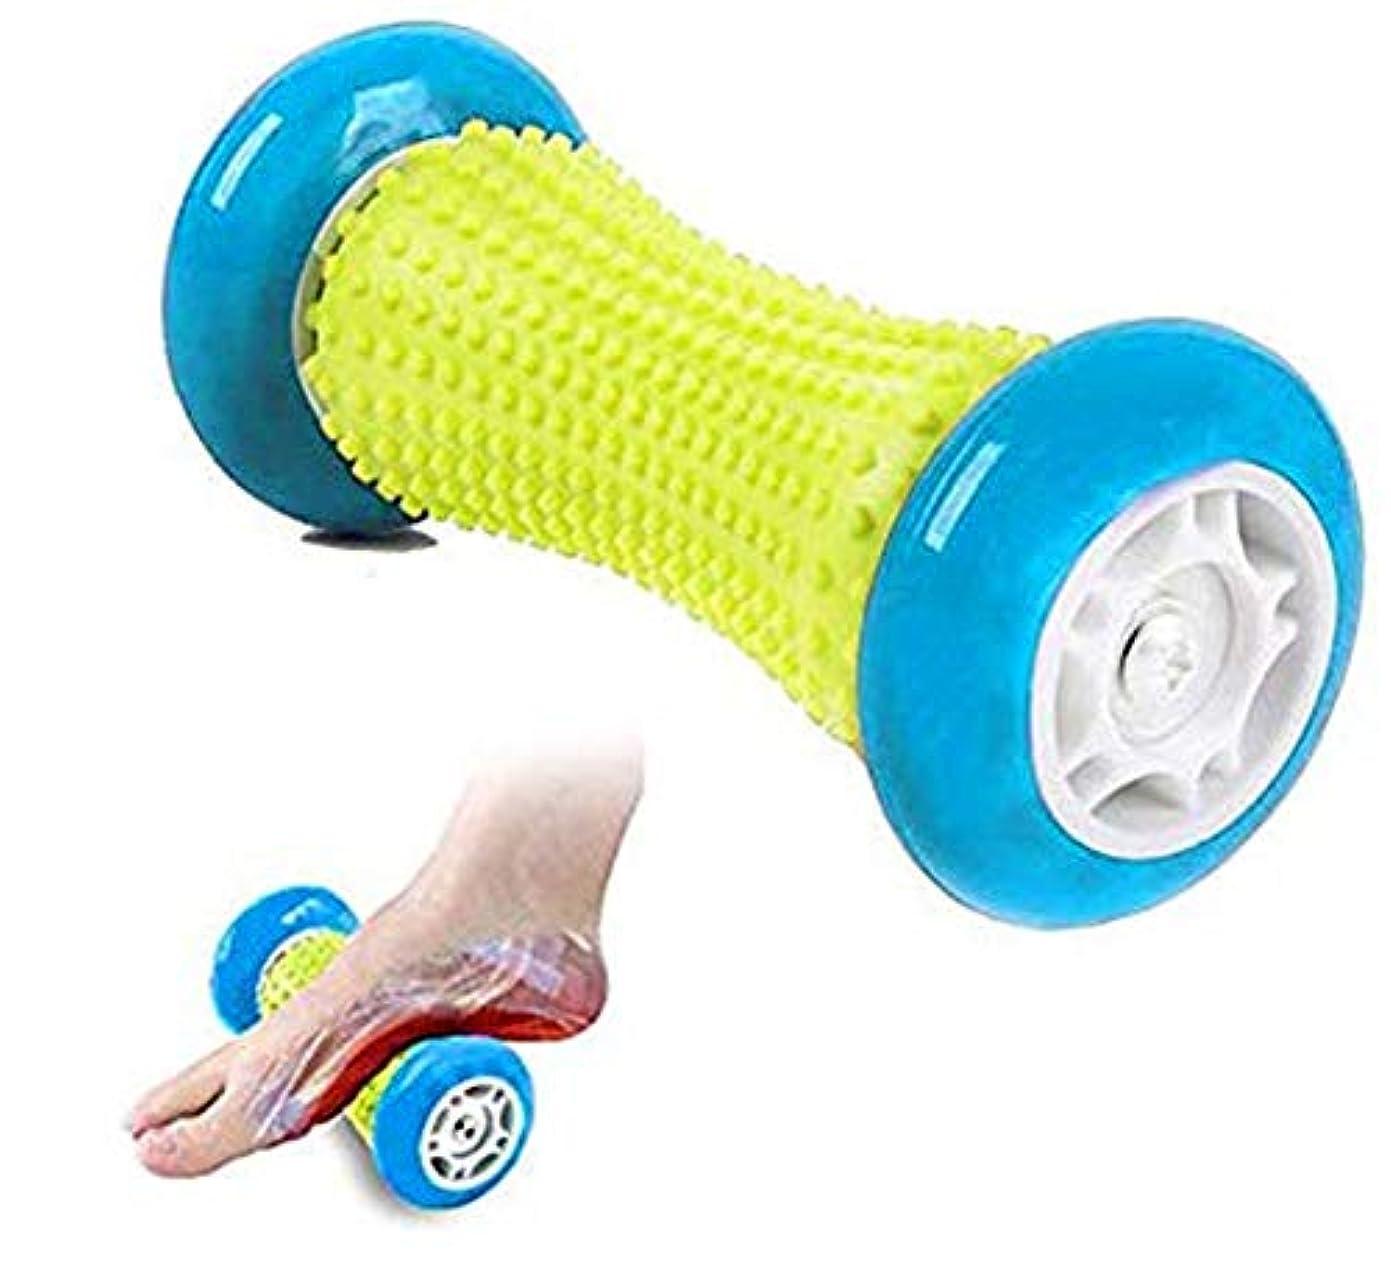 ユーモア北東鼓舞するフットマッサージローラースパイキーボールは足底筋膜炎ヒールスパーズ足のアーチの痛みディープ?ティッシュ?指圧リフレクソロジーを和らげるマッサージ痛み筋ノットをリラックス (Color : ライトブルー)